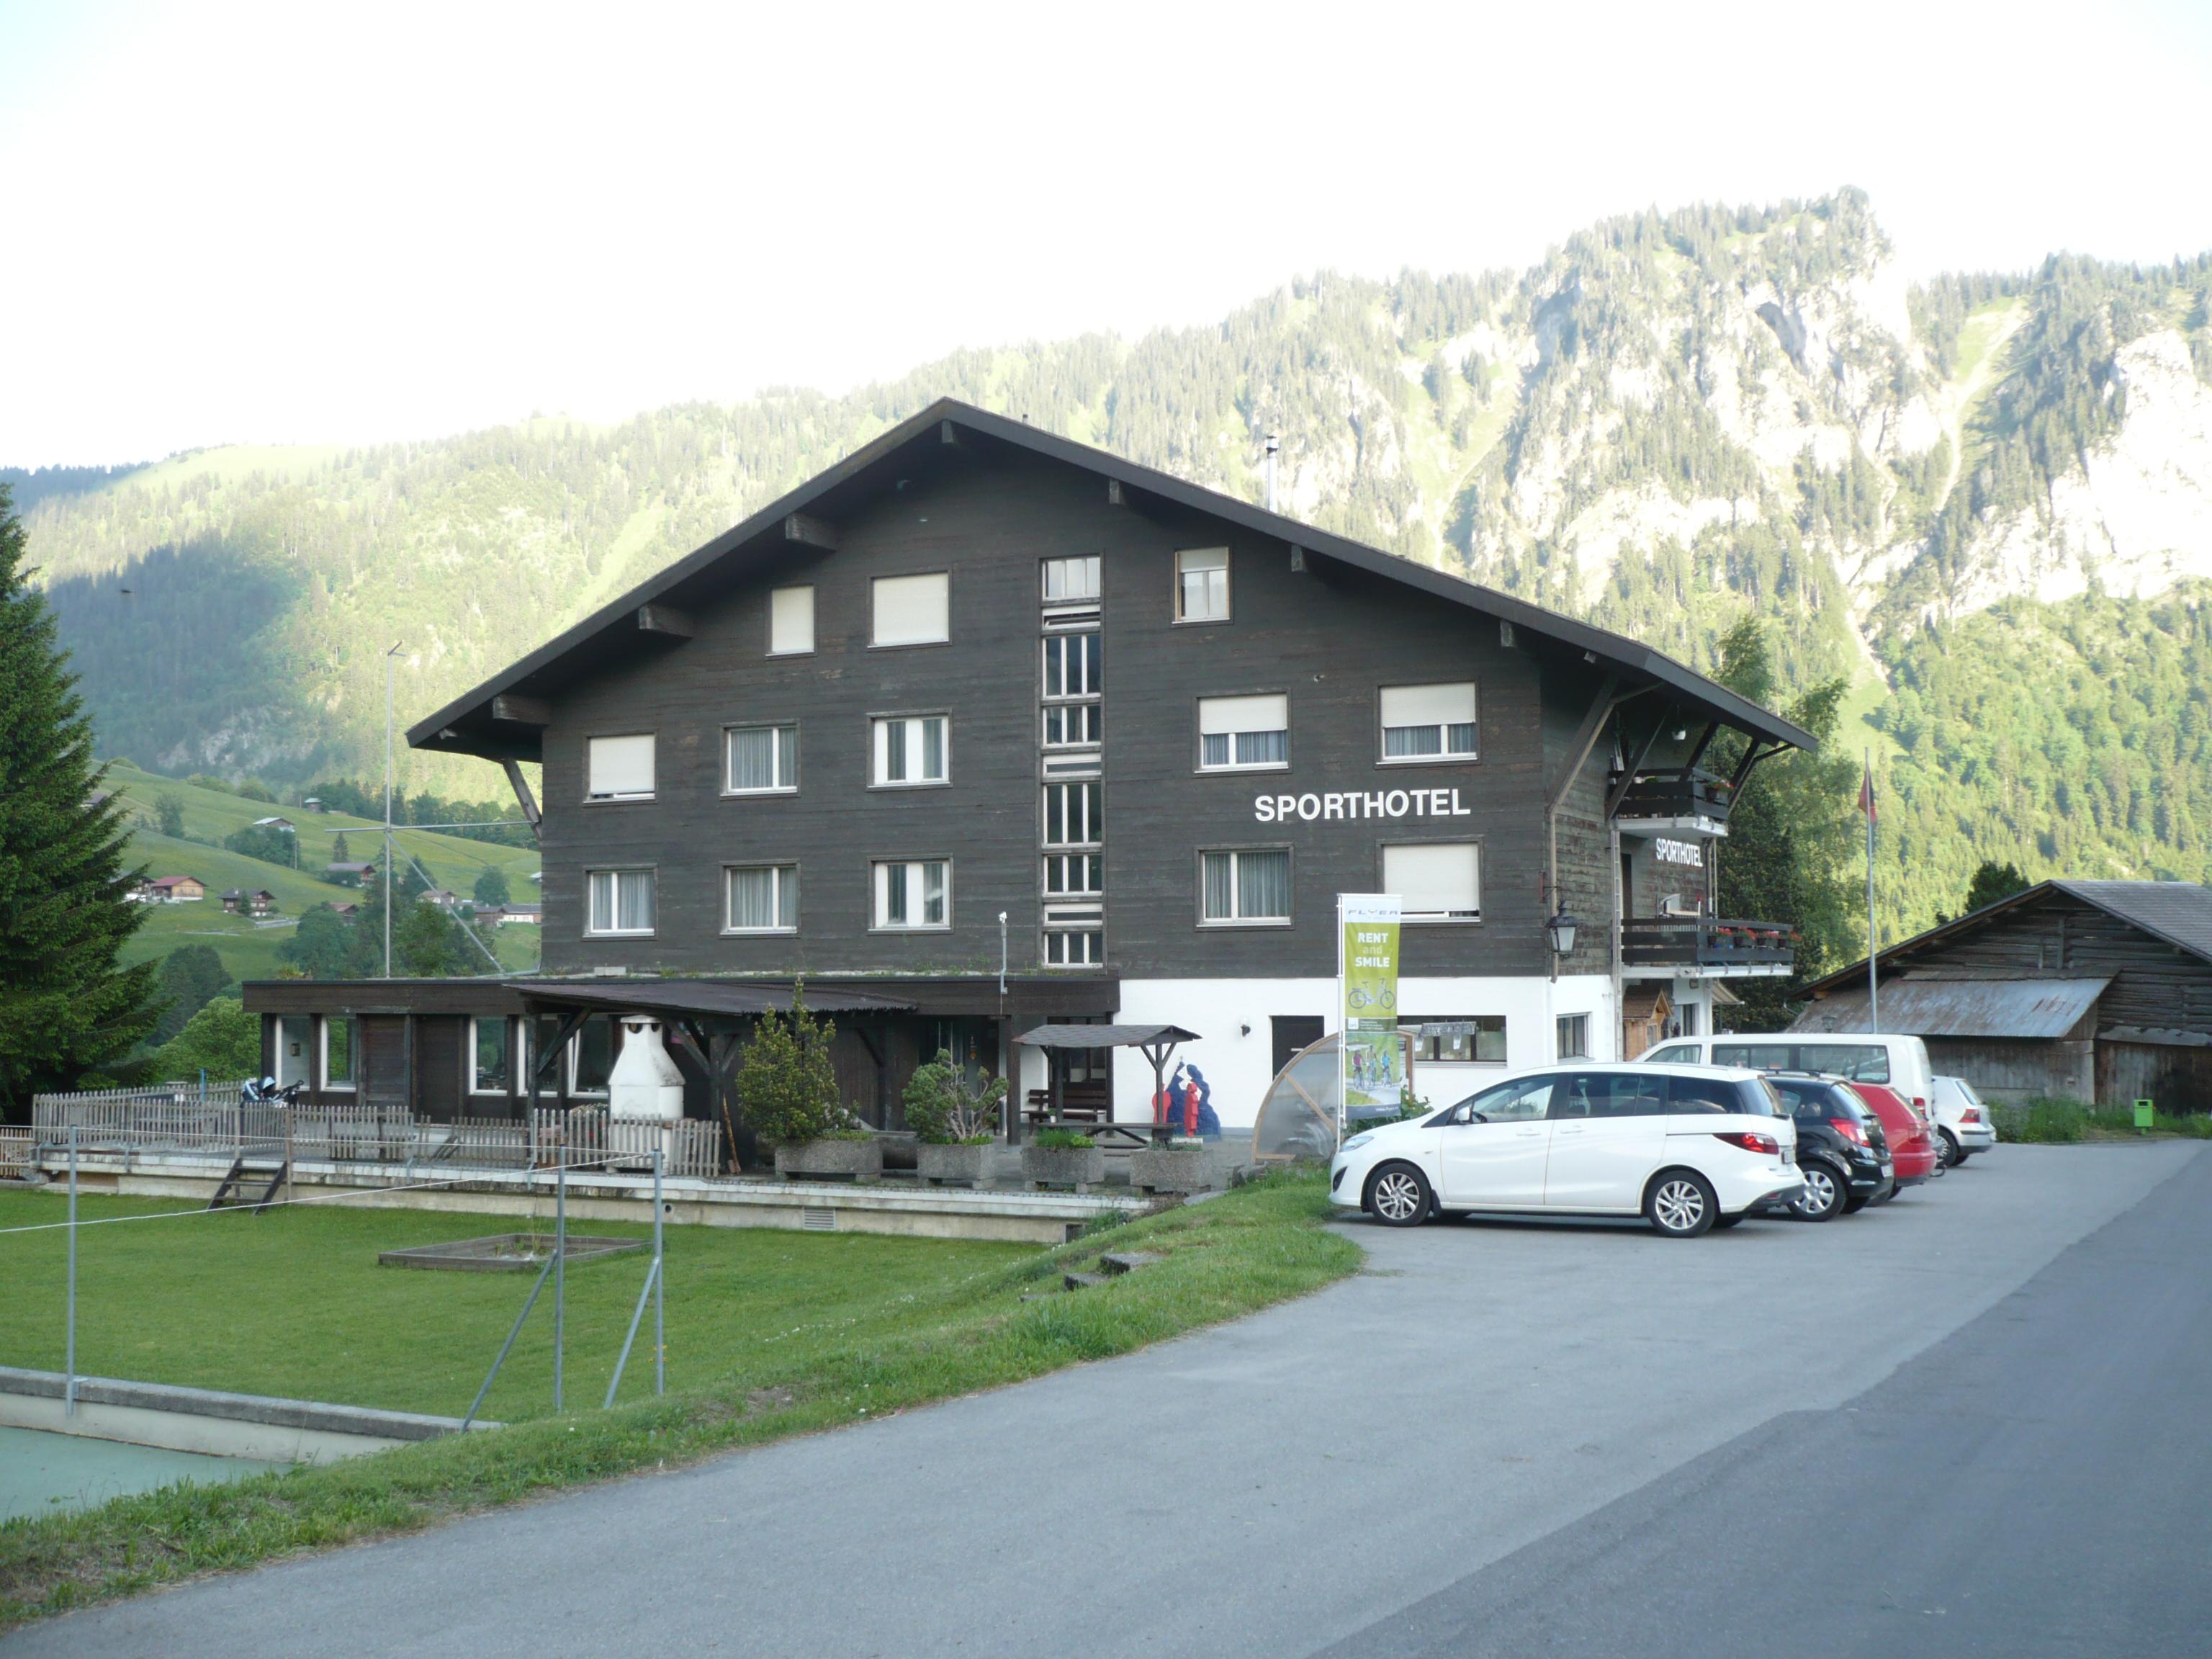 Sporthotel Habkern